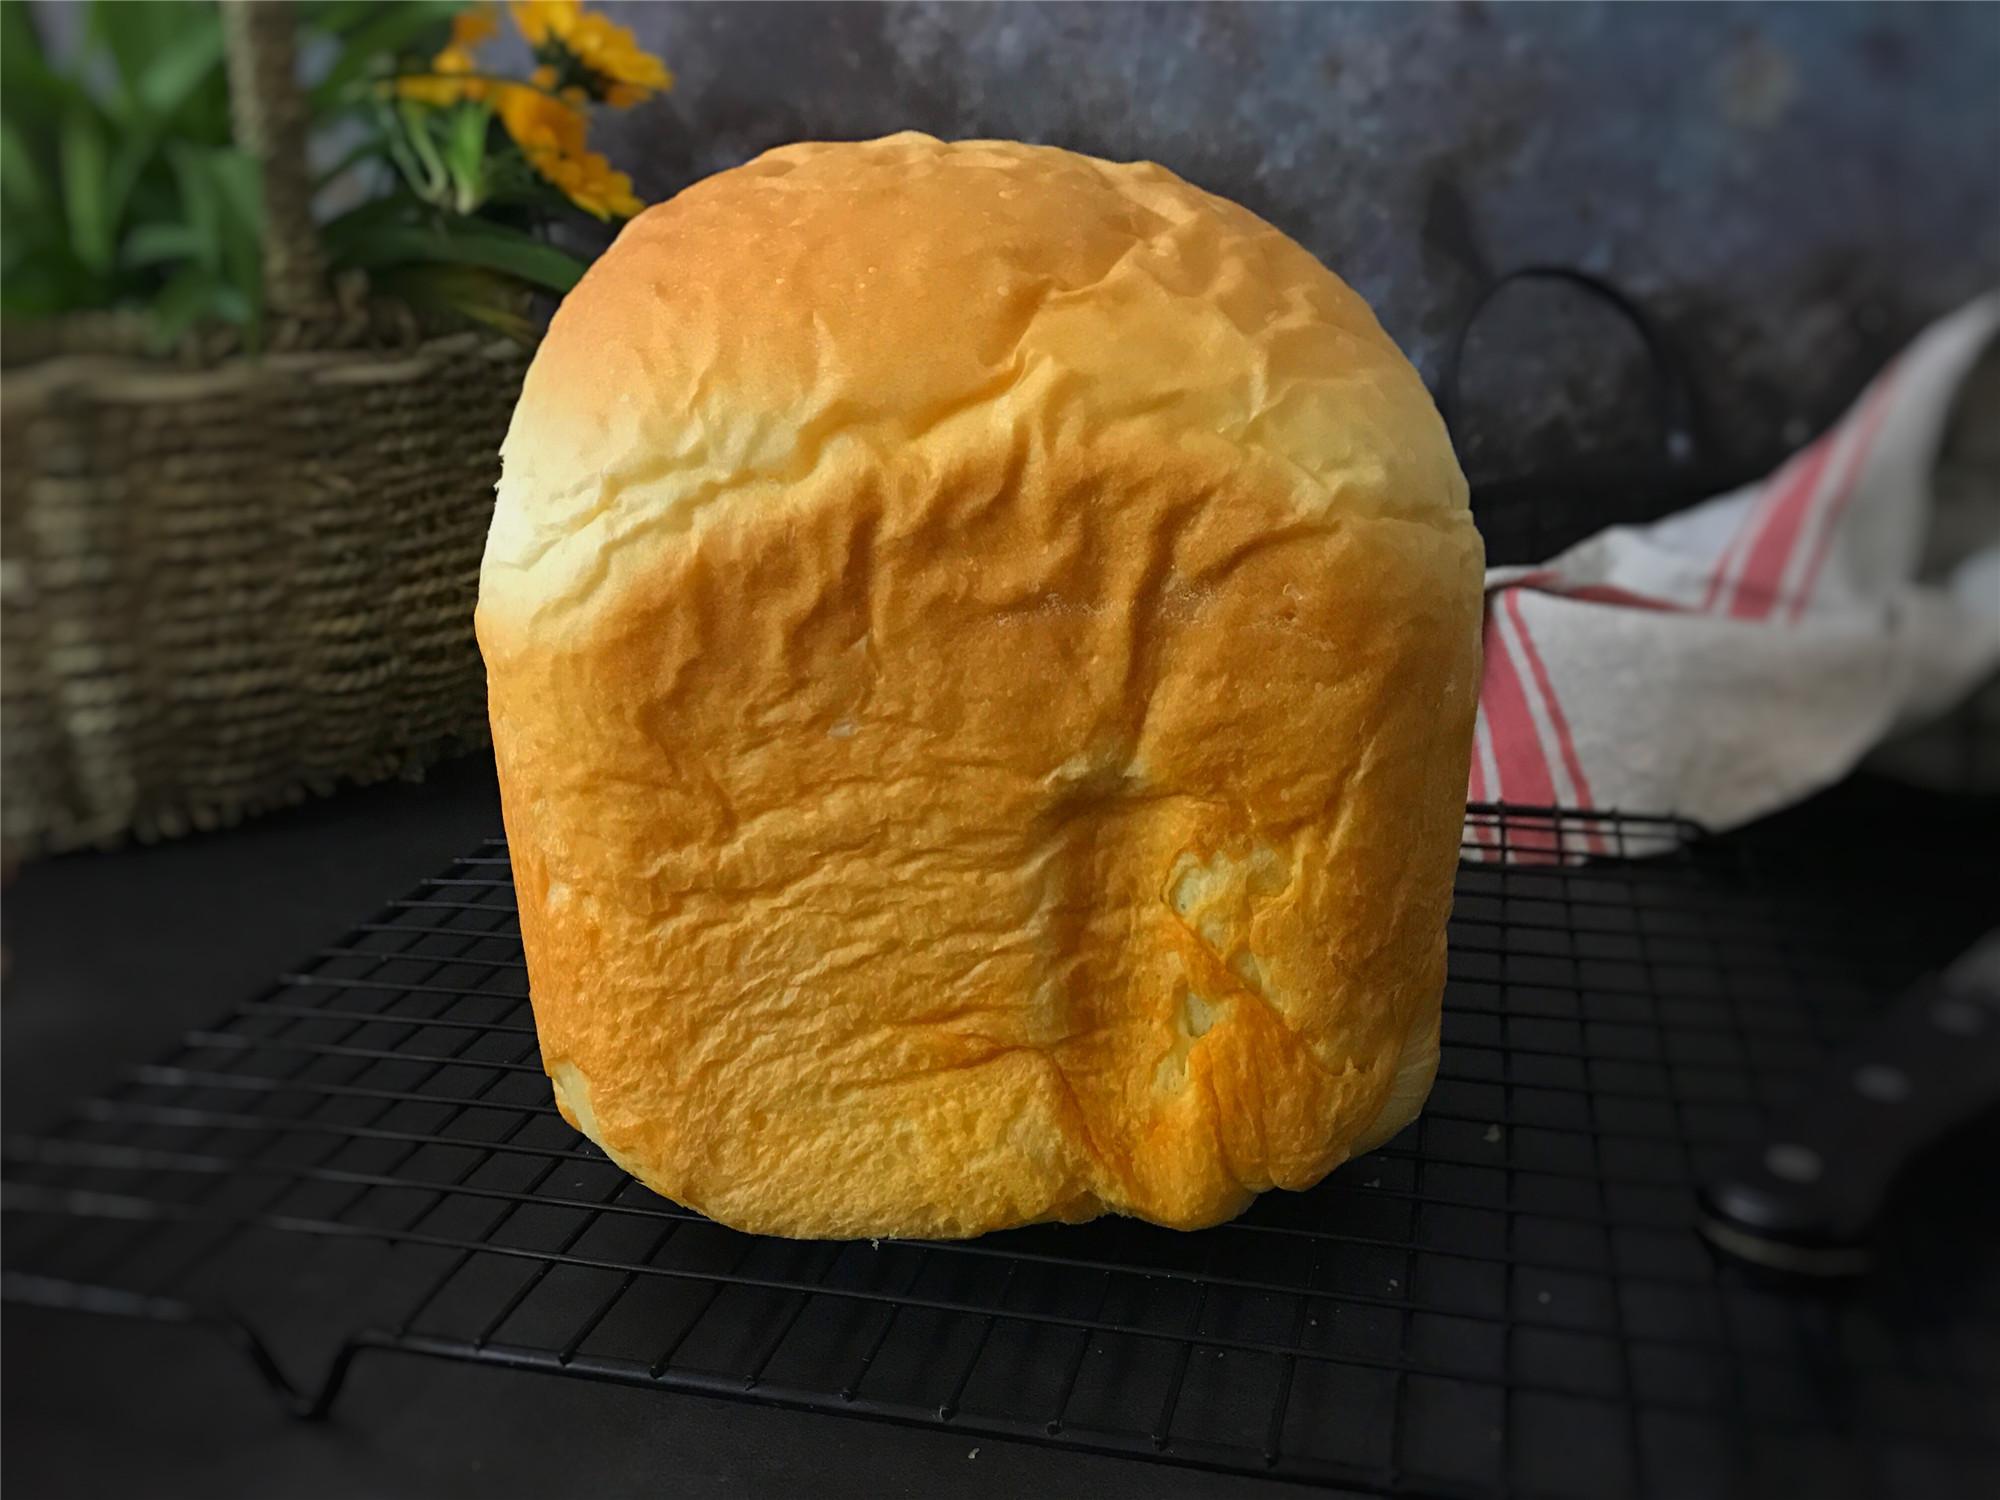 用面包机做面包,多做这一步,面包松软又拉丝,可惜很多人不知道